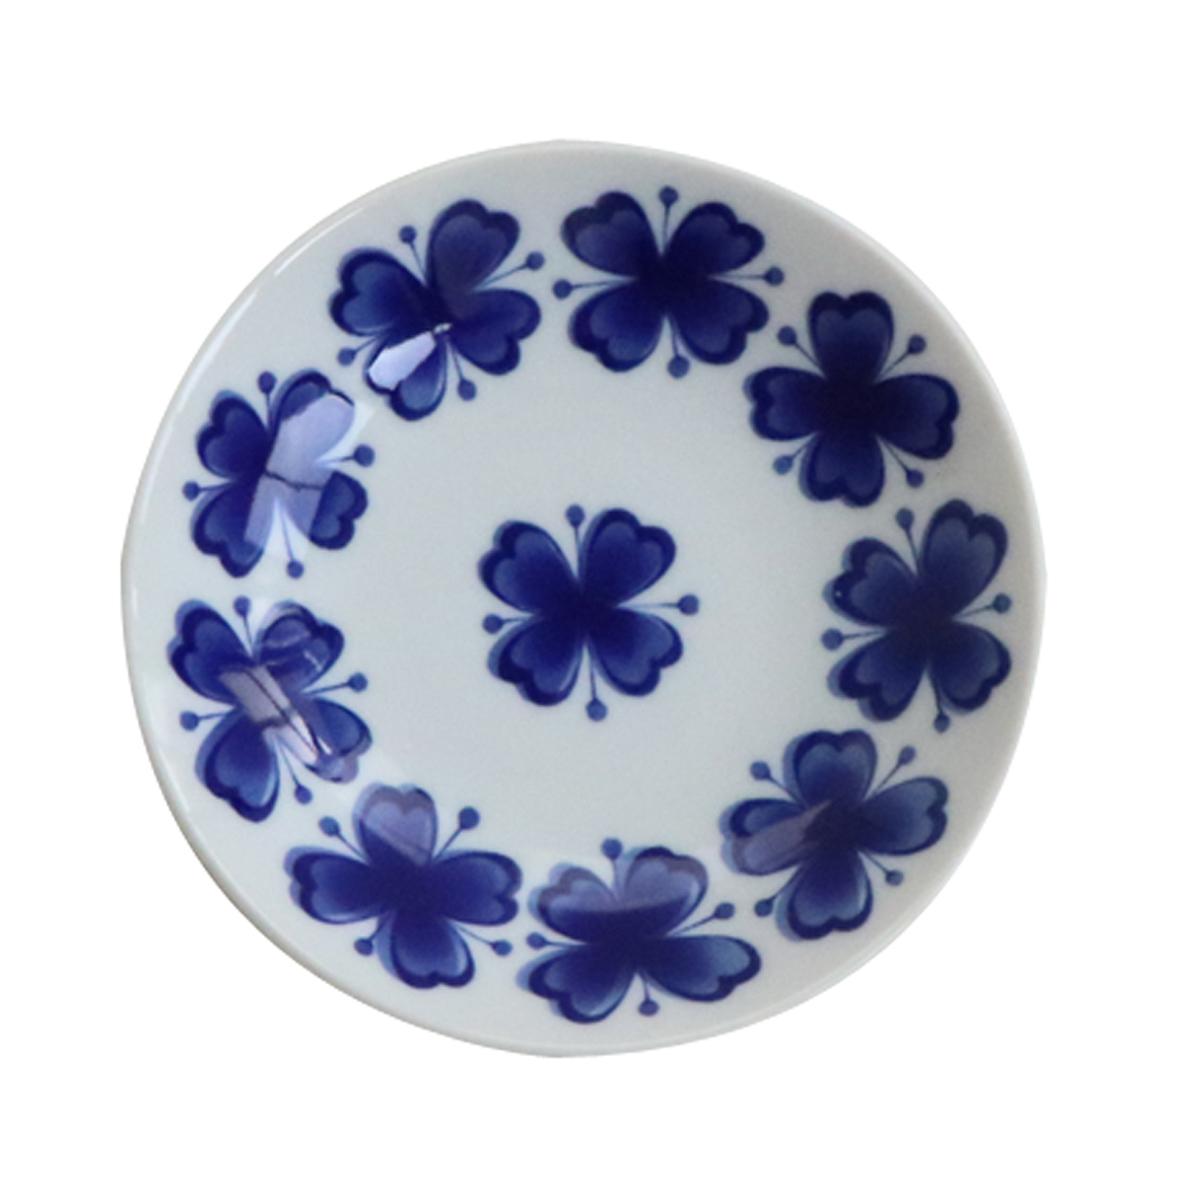 プレート・皿